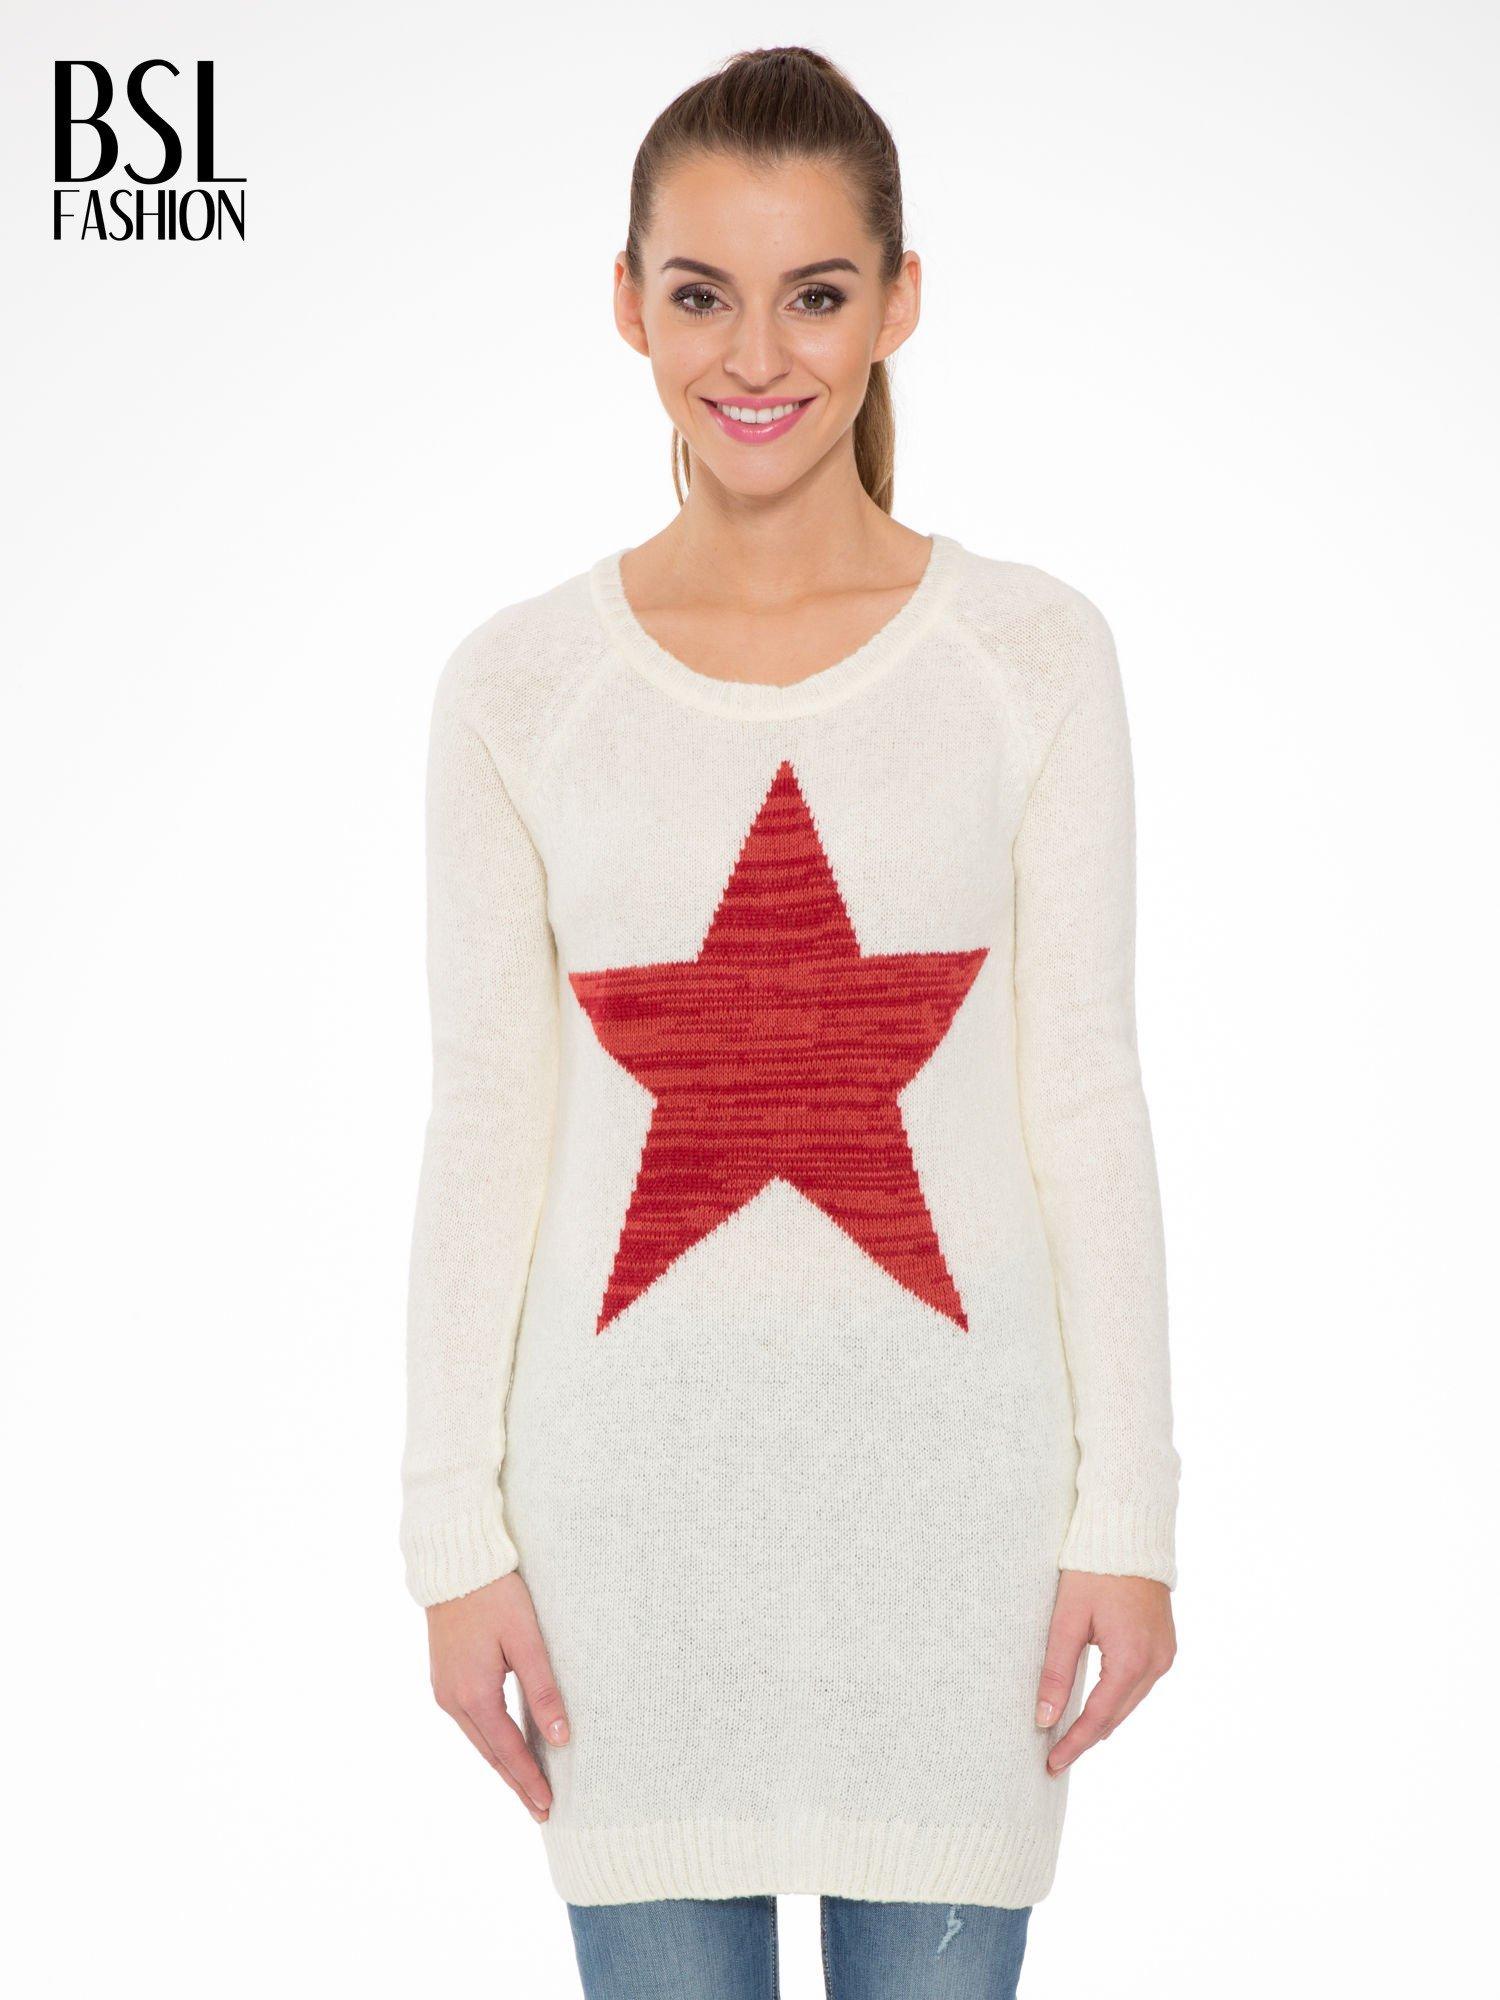 Ecru długi sweter z nadrukiem gwiazdy                                  zdj.                                  1